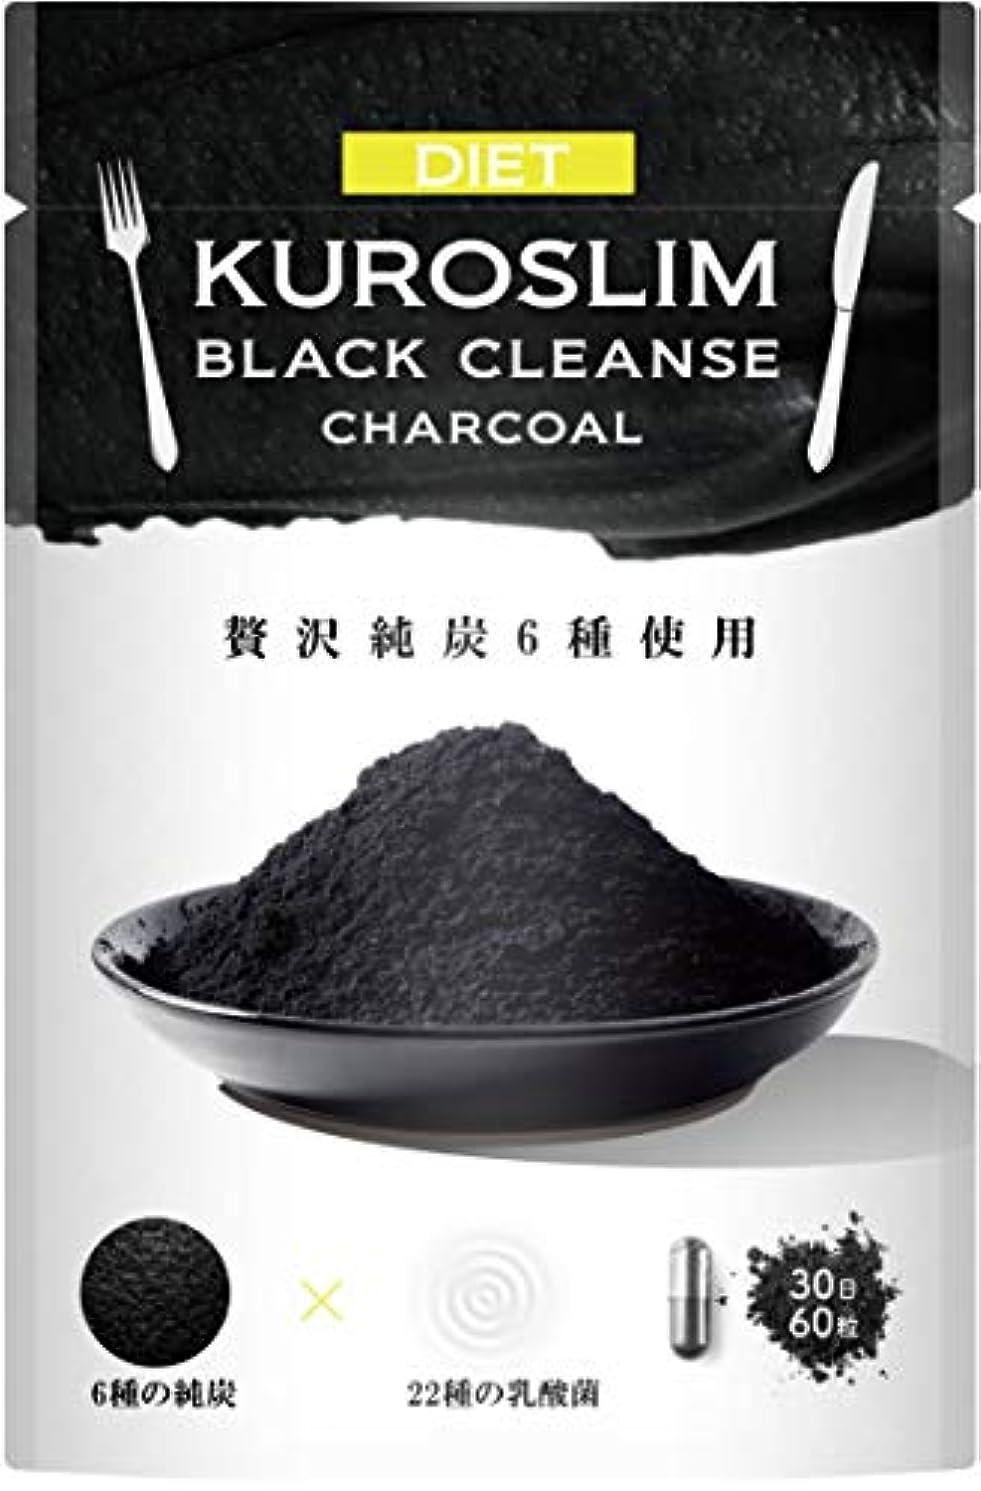 恨みスクラップリンス炭ダイエット サプリ KUROSLIM チャコール サプリメント 6種の純炭 60粒30日分